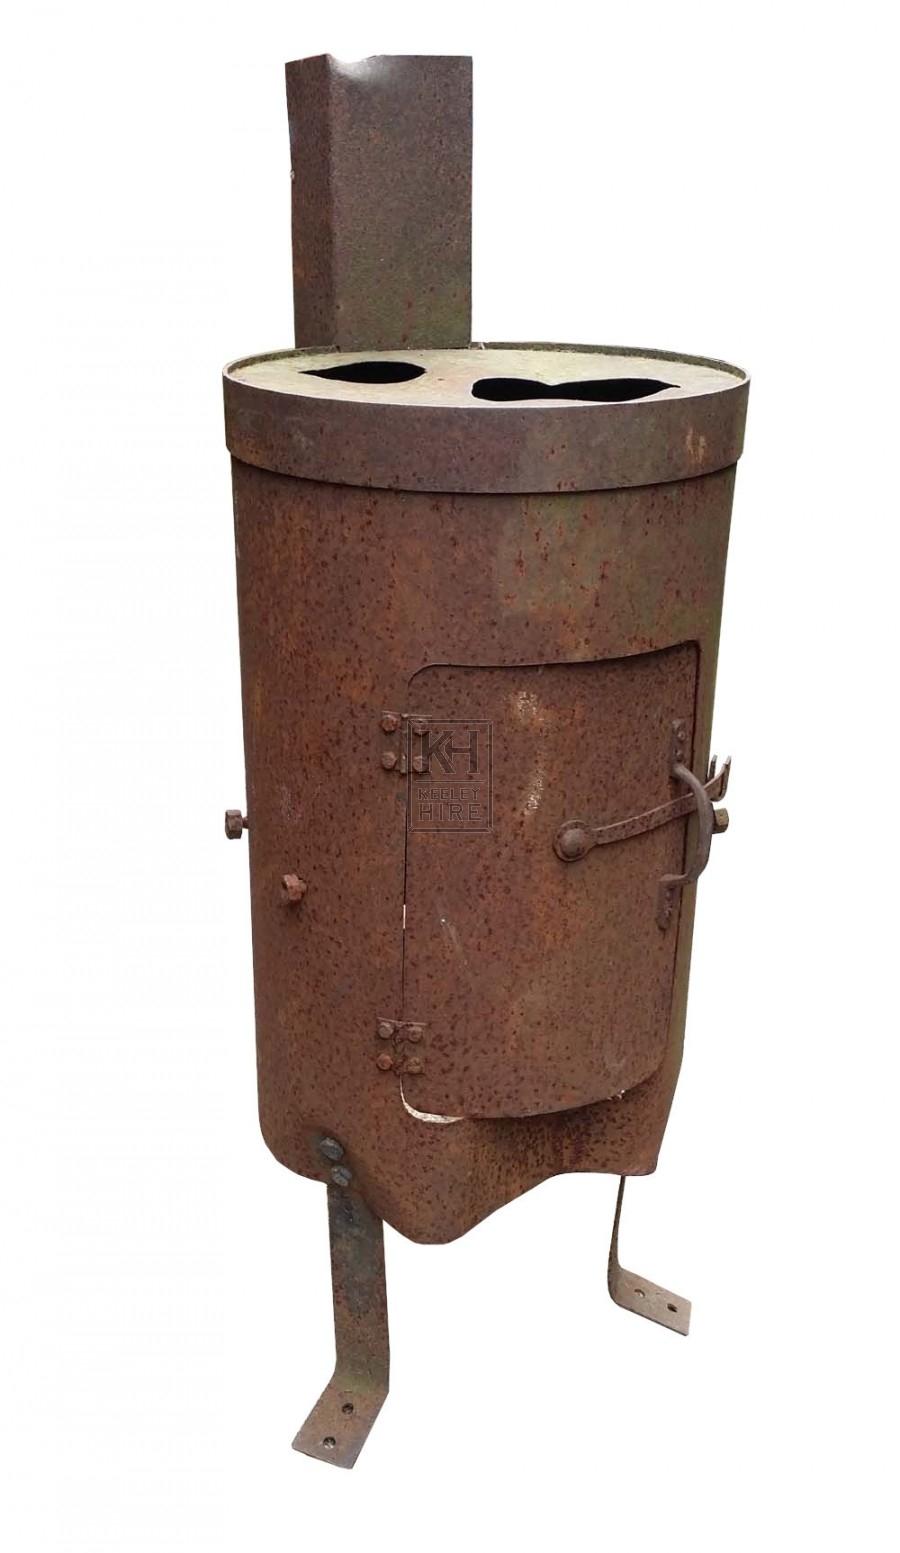 Drum brazier with chimney